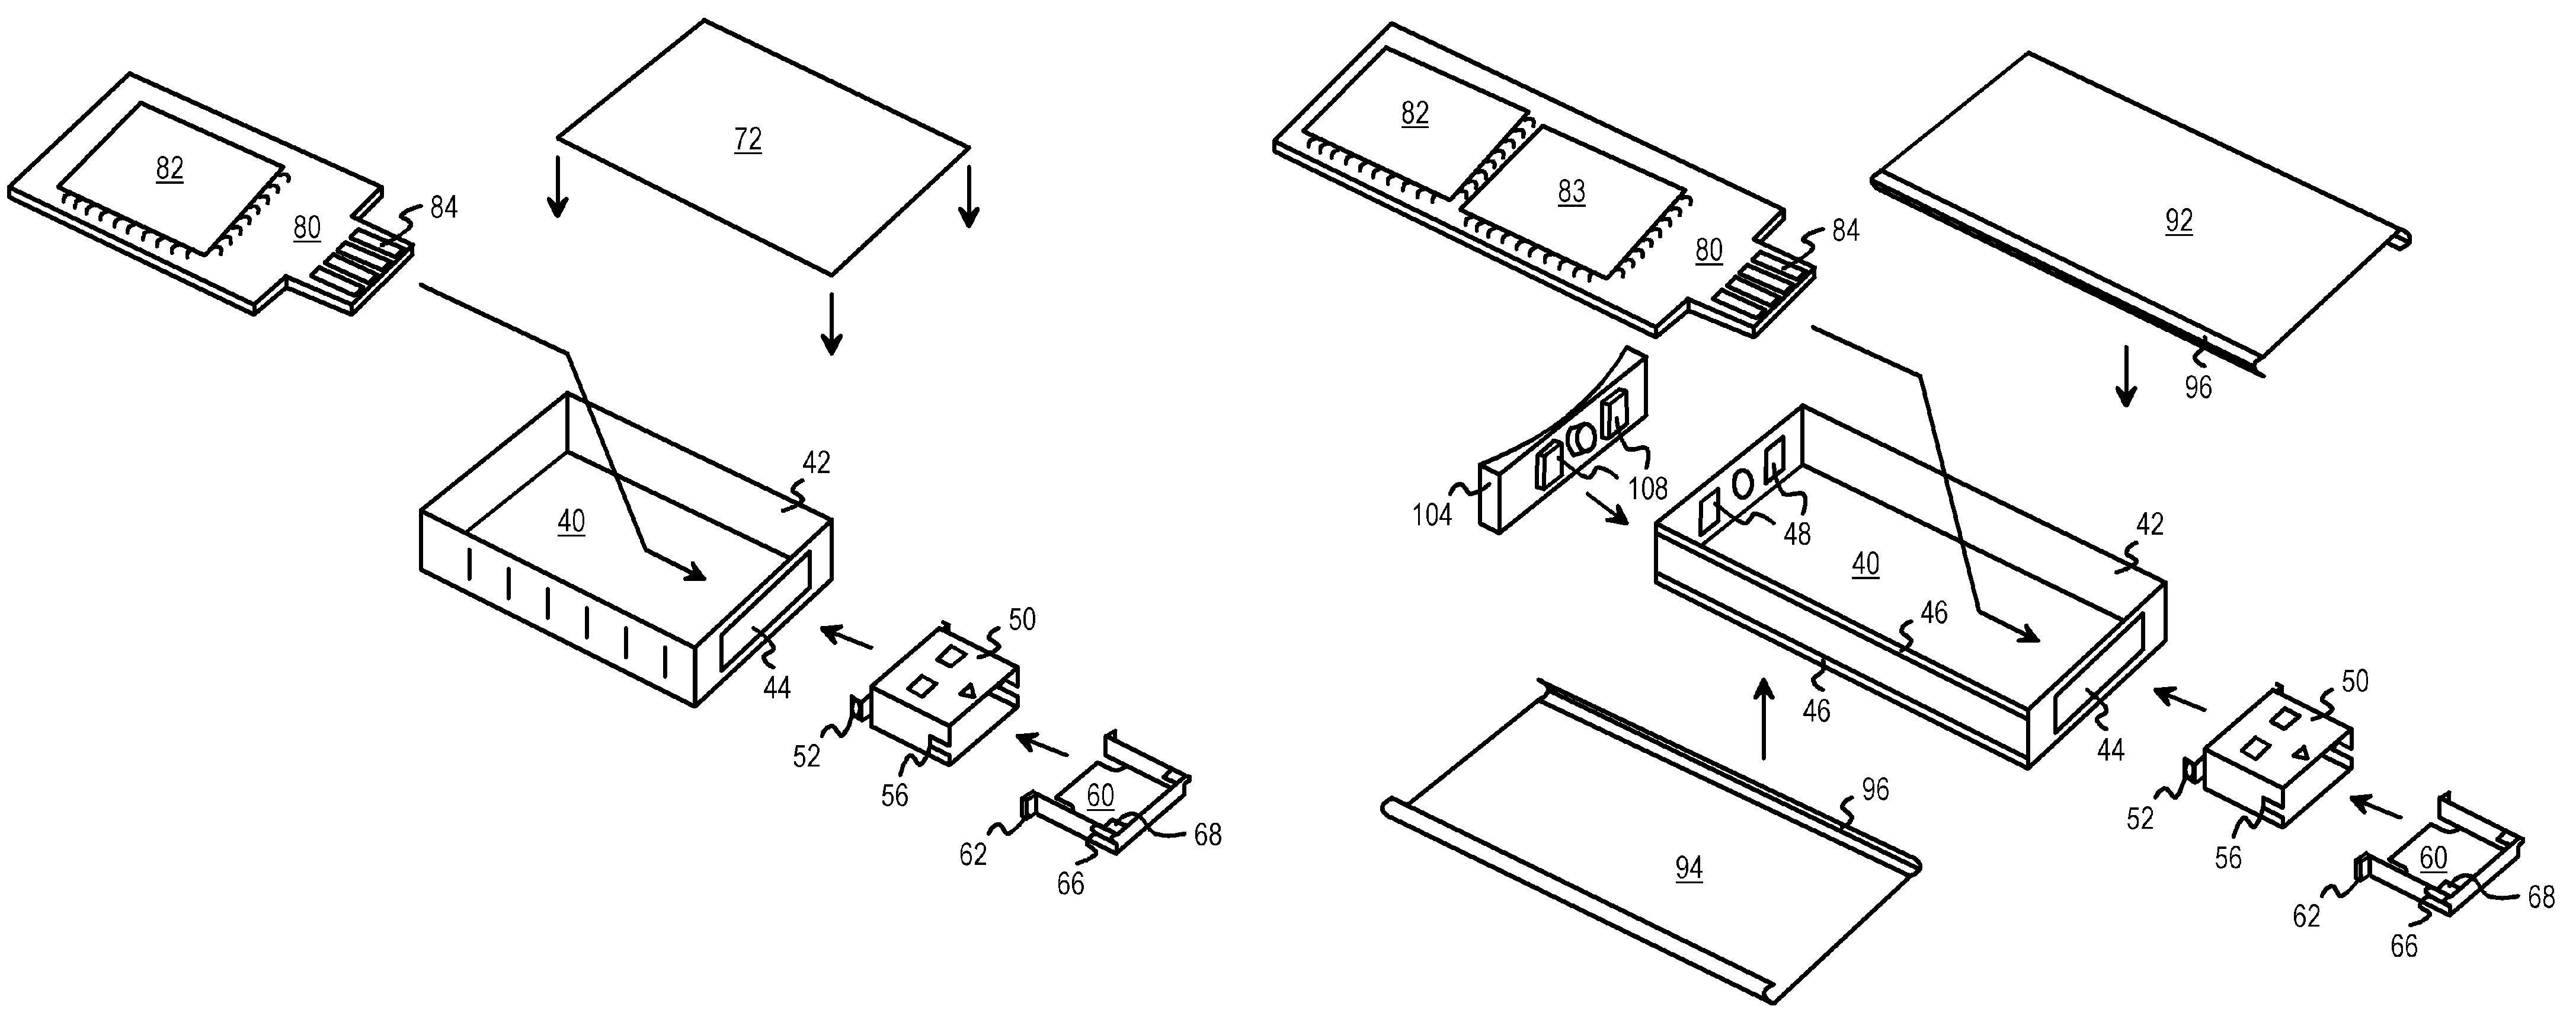 patent us7507119